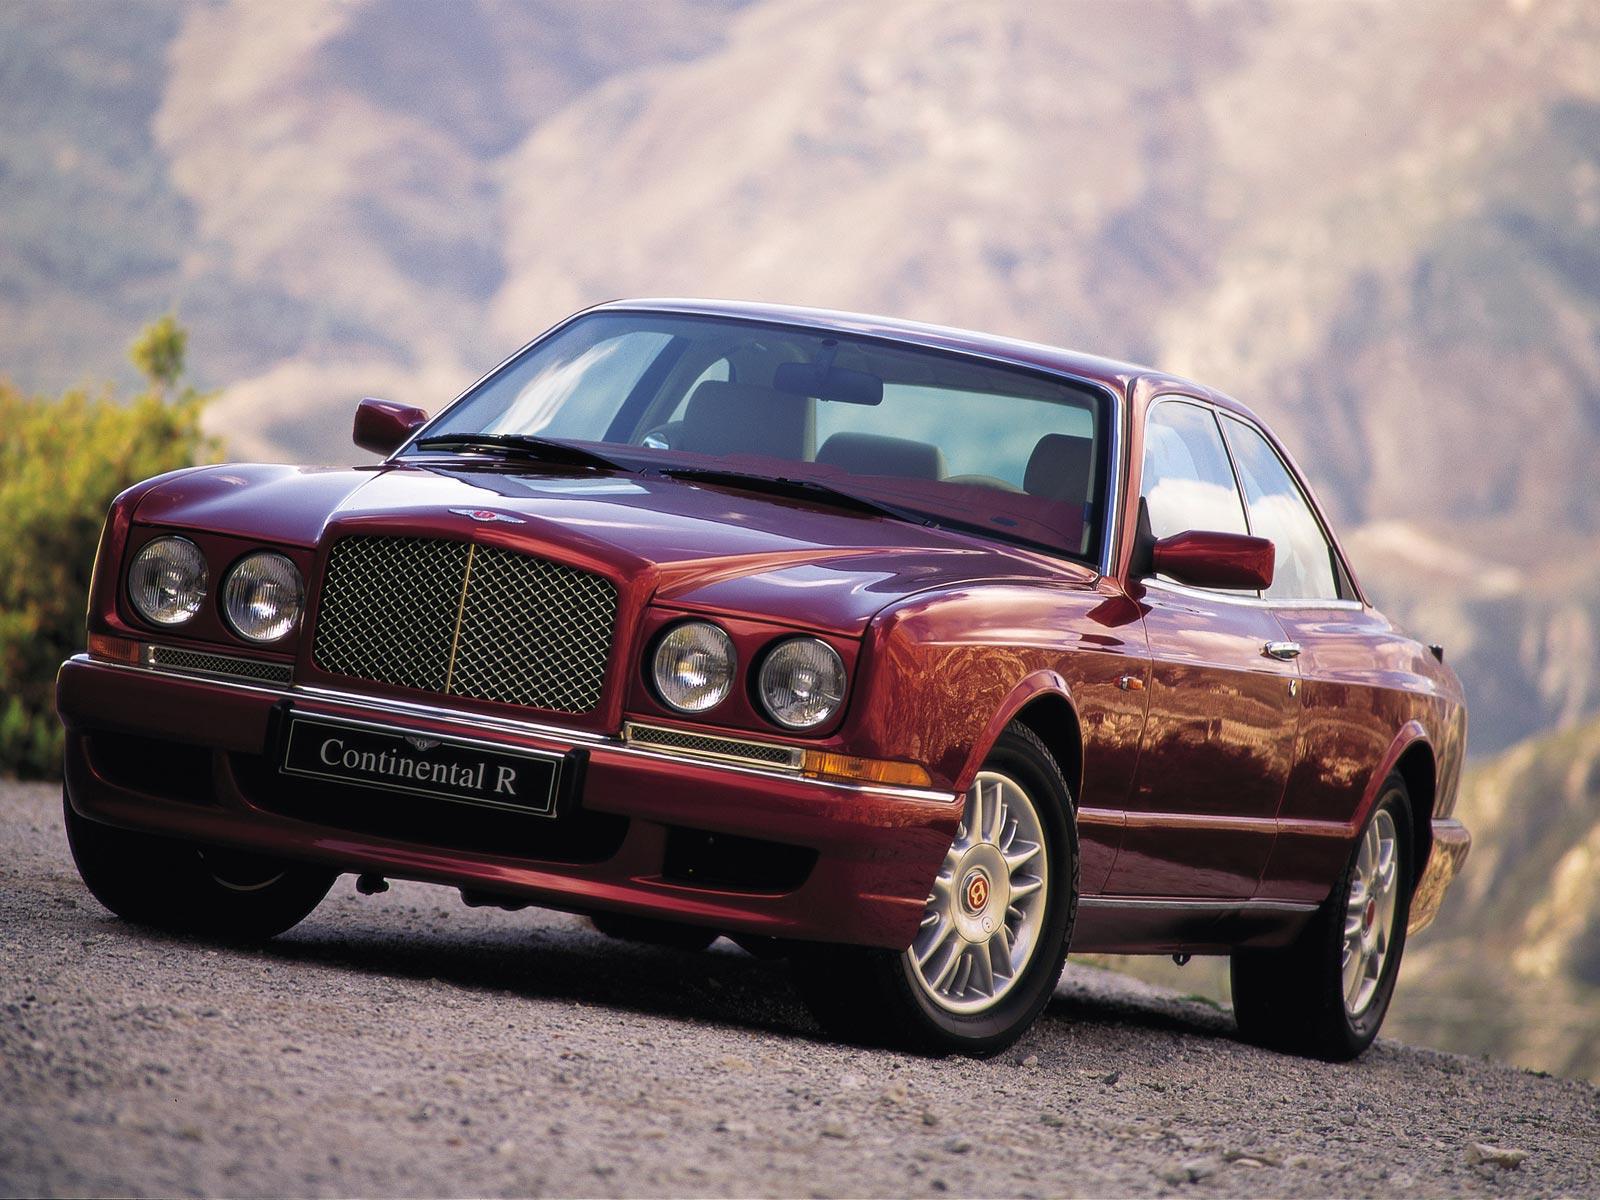 1991 Bentley Continental R (c) Bentley